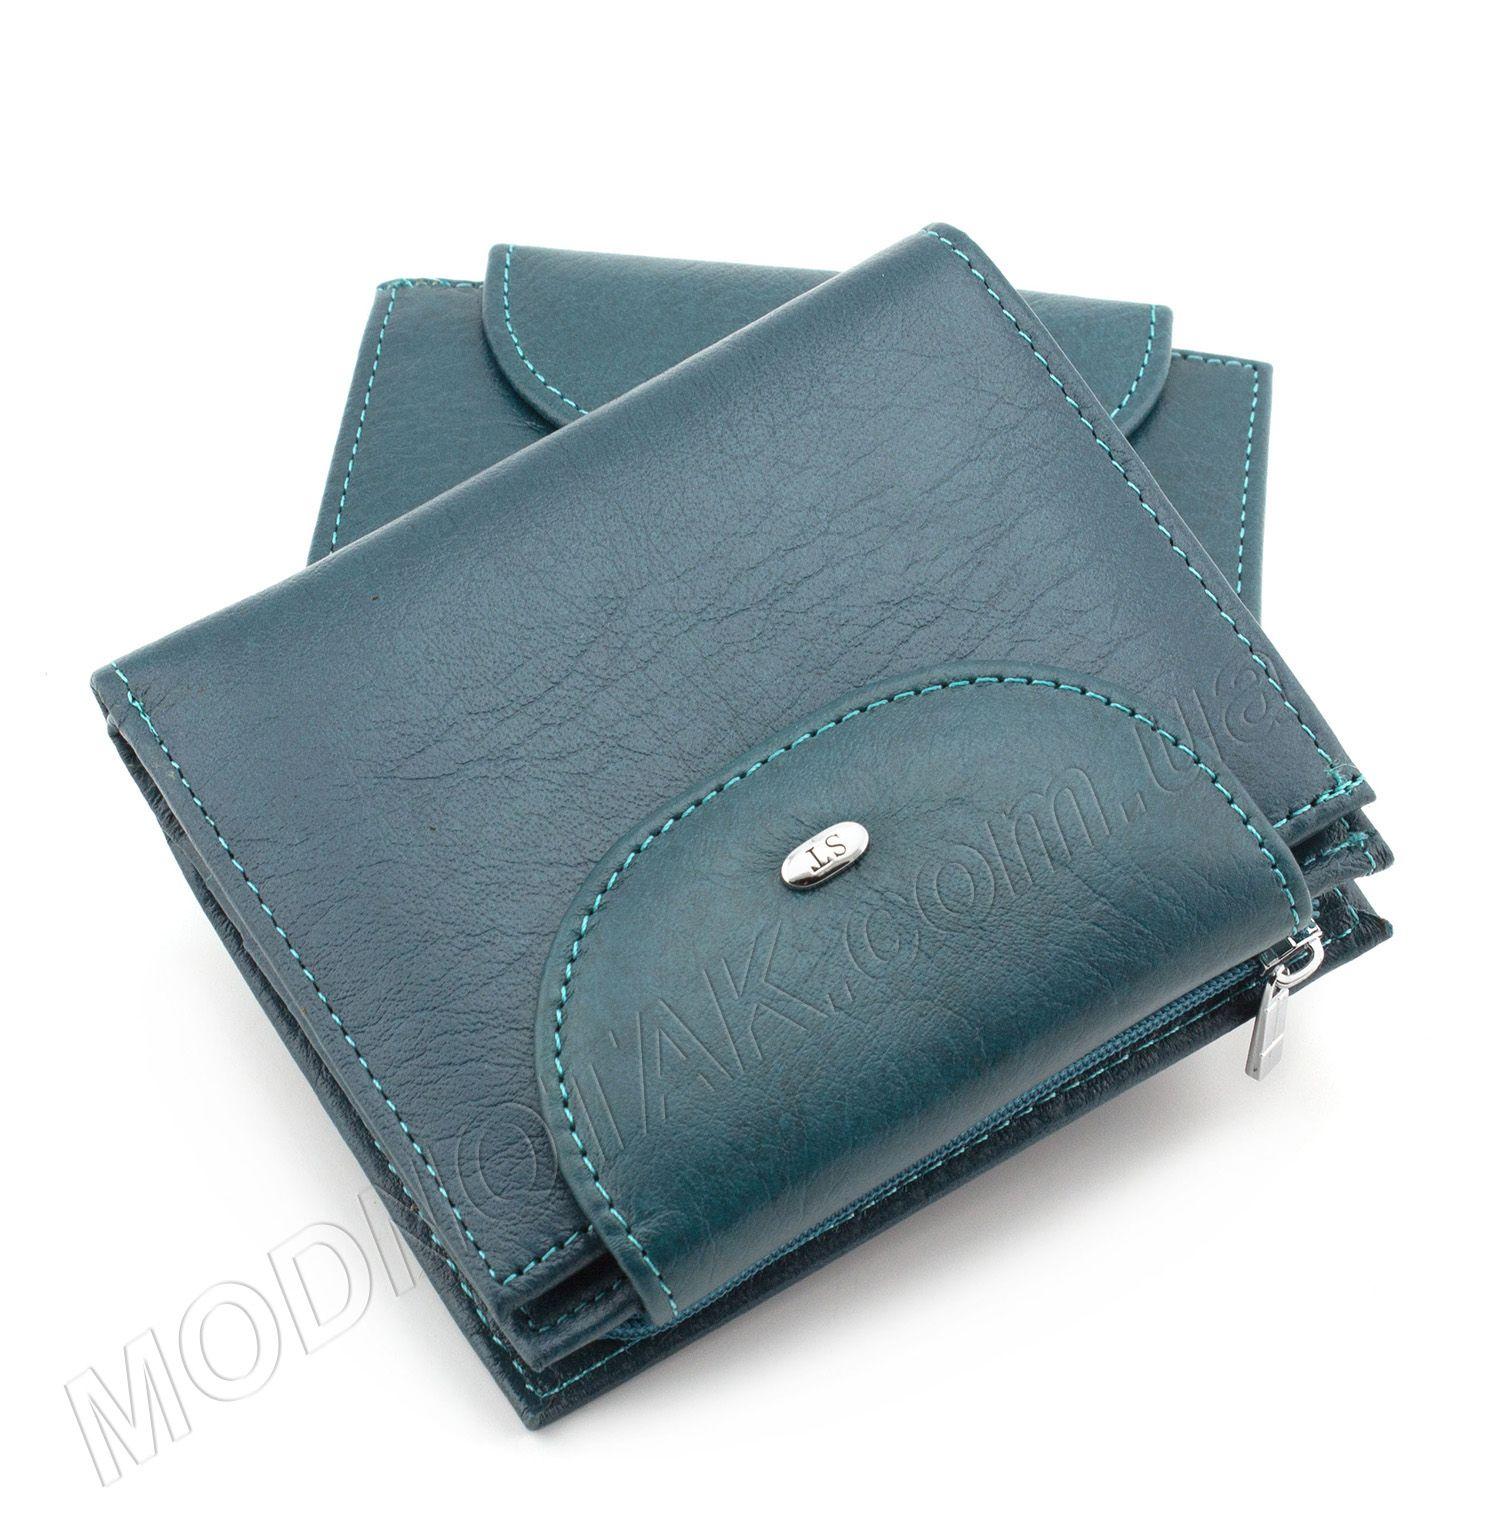 e85703fc8711 Маленький недорогой женский кошелек ST Leather: купить небольшой ...